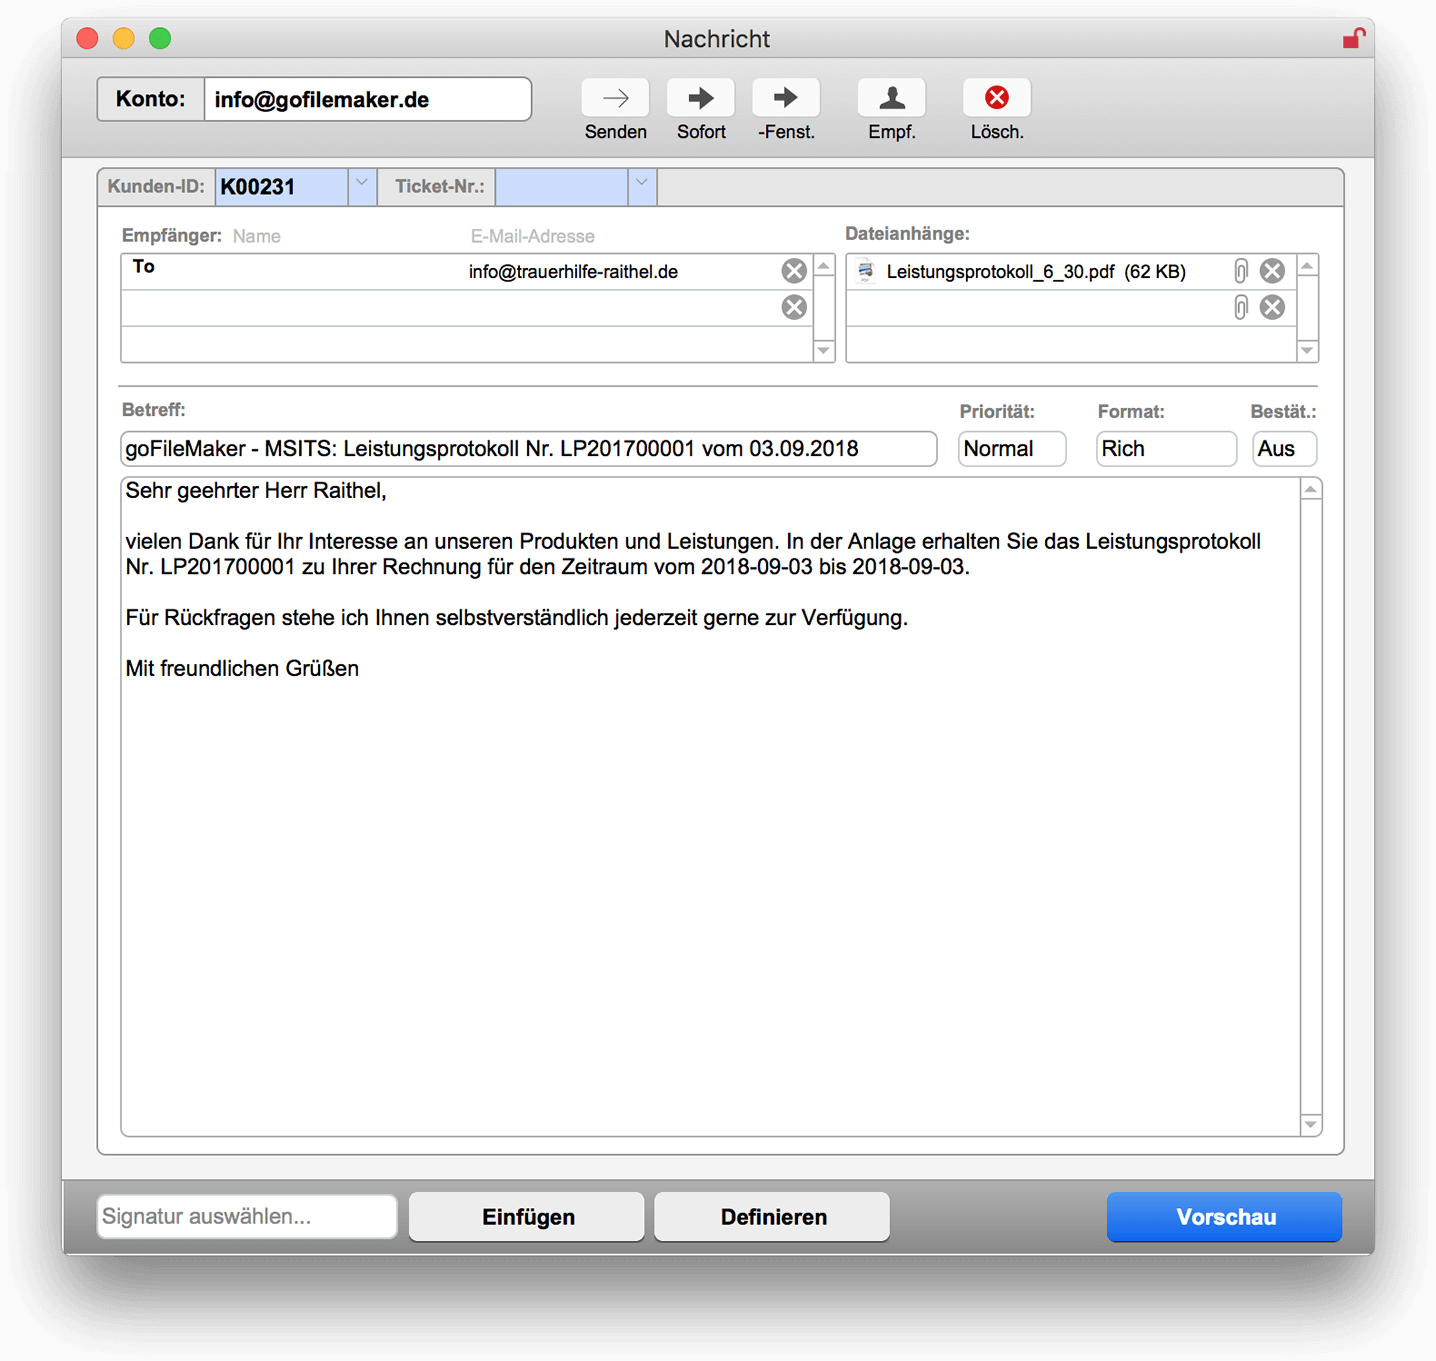 Neue E-Mail-Nachricht erstellen